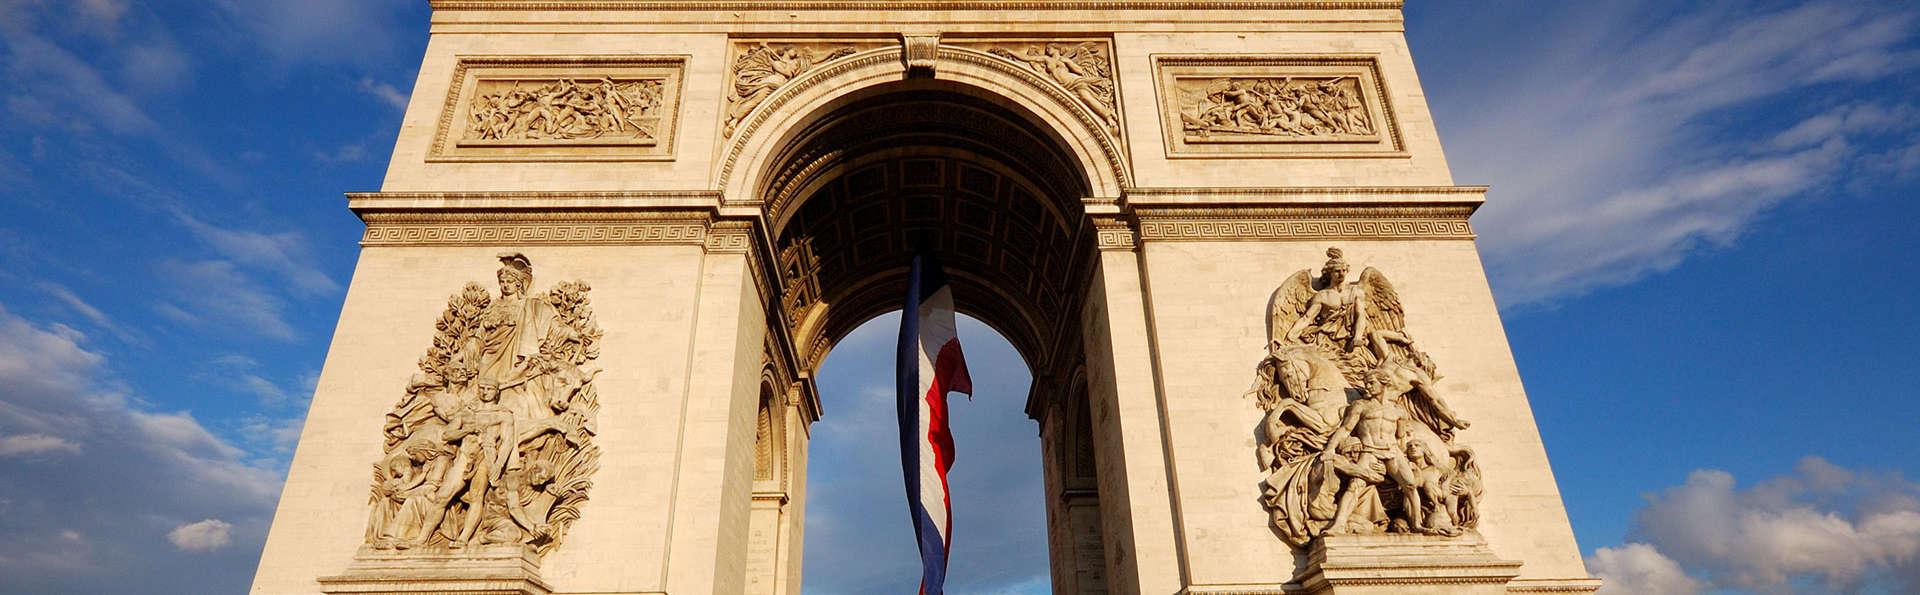 Visitez l'Ac de Triomphe lors d'un week-end 4* dans la ville lumière